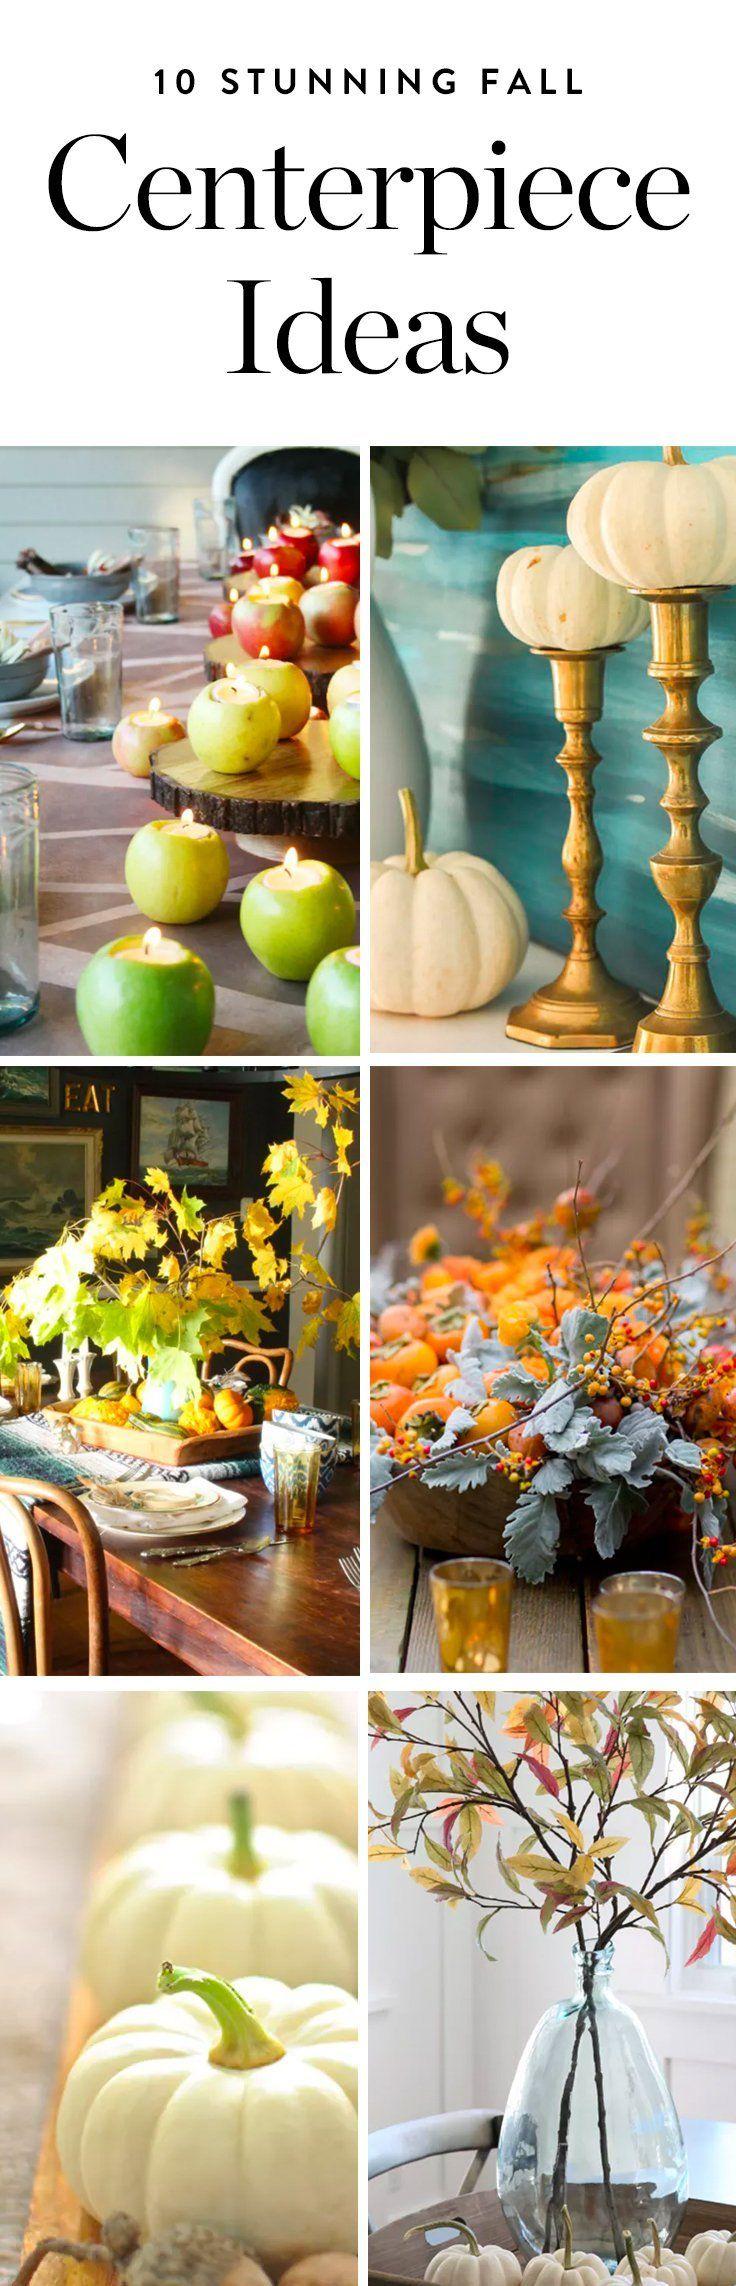 10 Stunning Fall Centerpiece Ideas We Bet